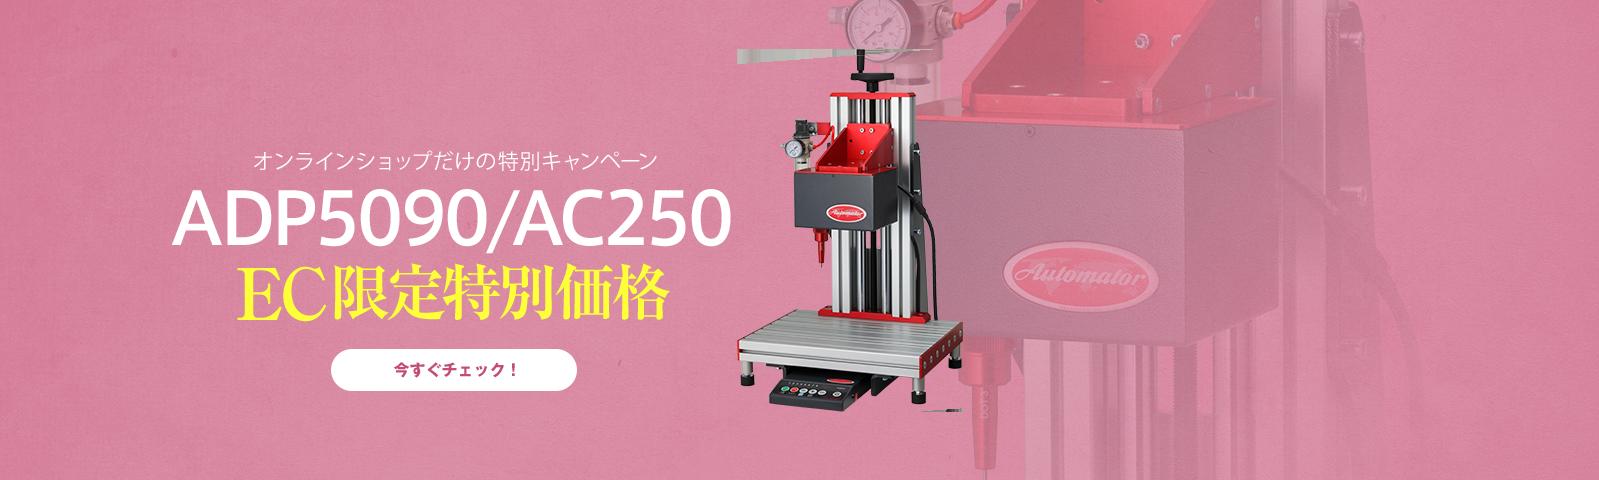 オンラインショップだけの特別キャンペーン ADP5090特別価格